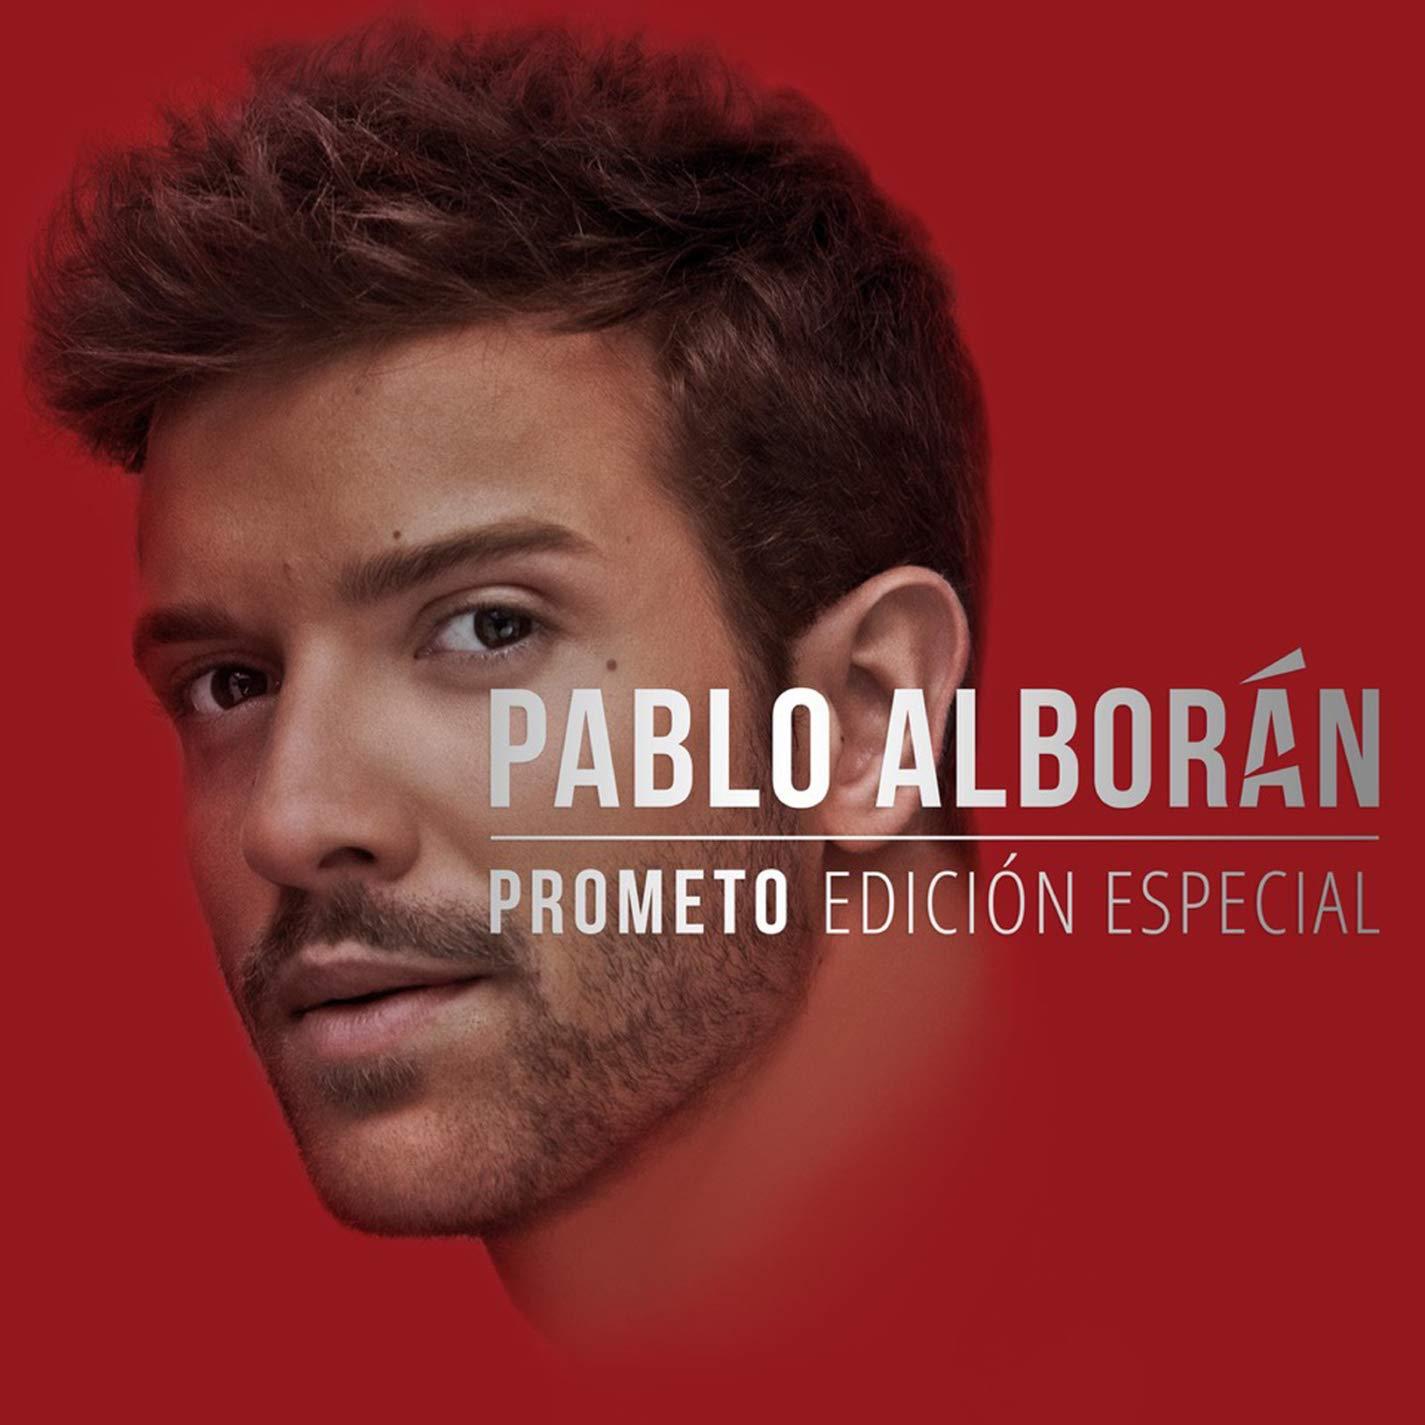 CD : Pablo Alborán - Prometo - Edicion Especial (With DVD)